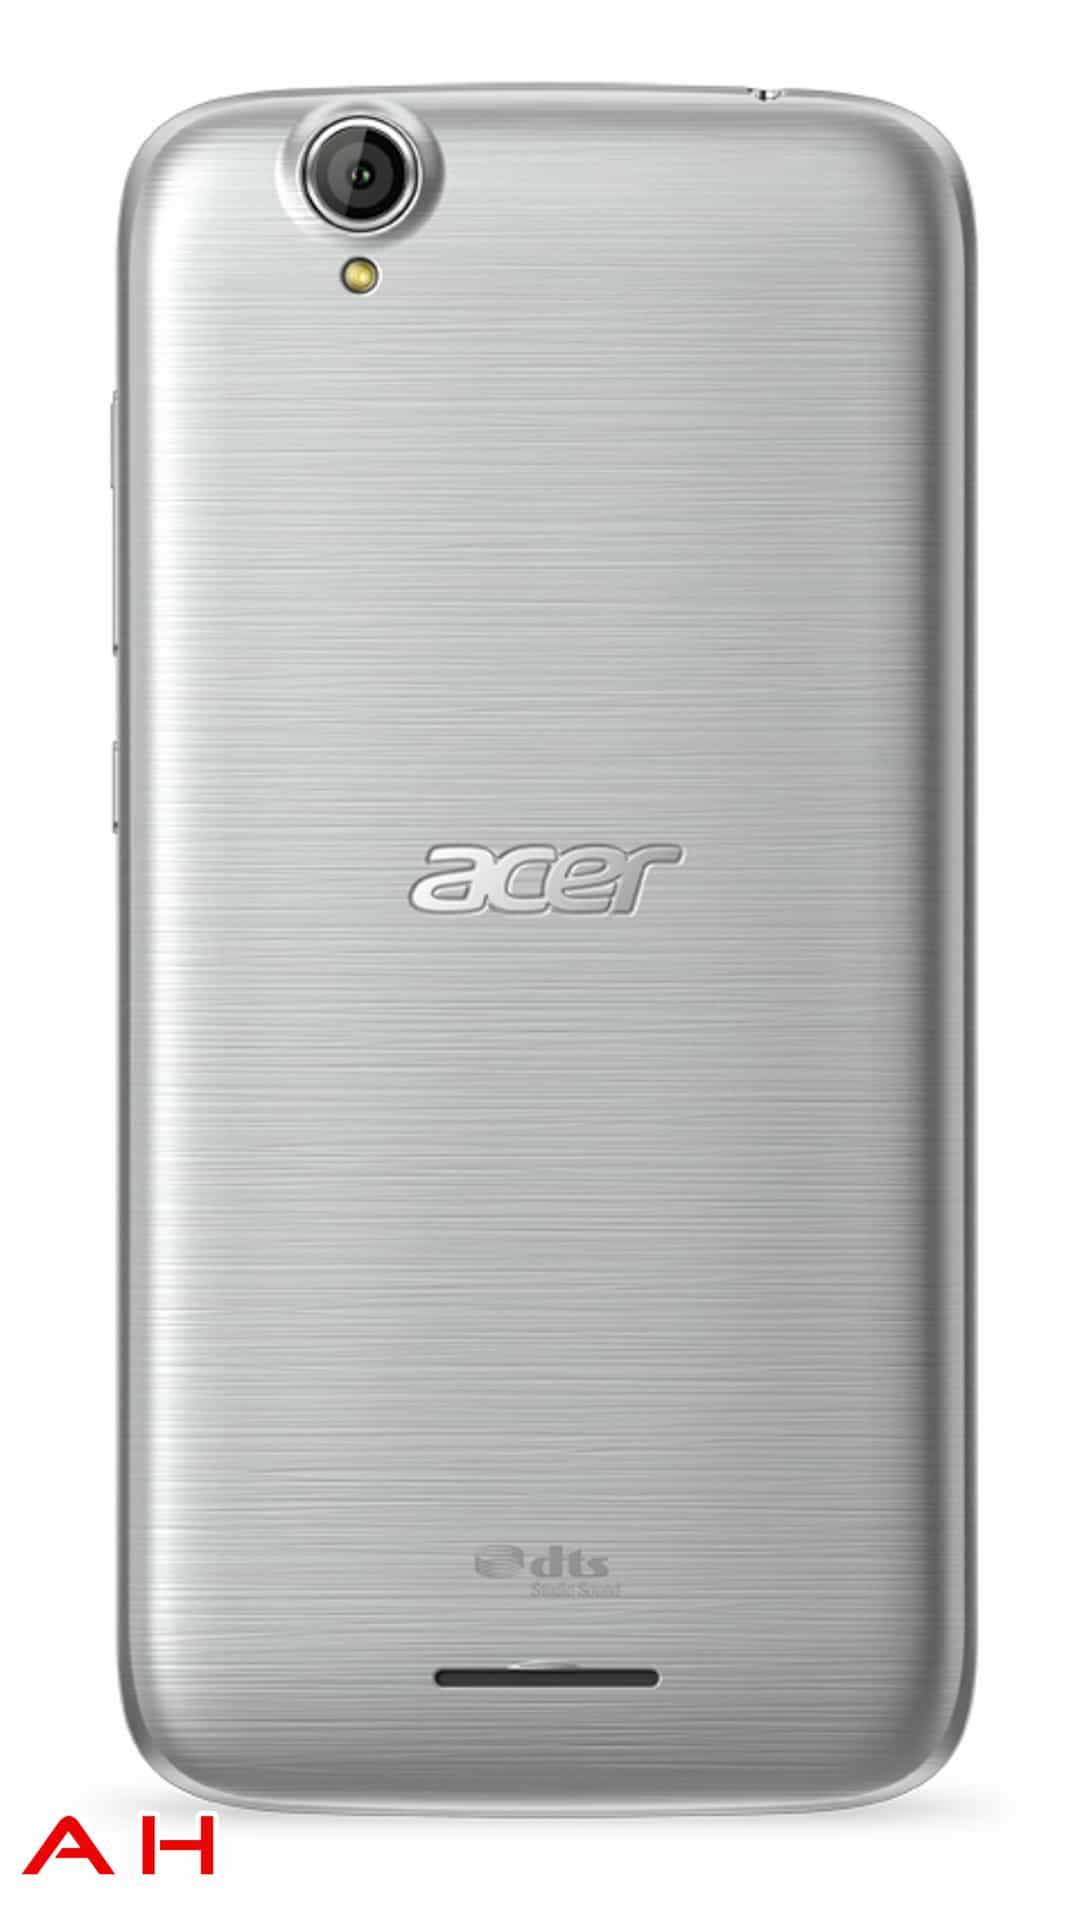 Acer Liquid Z630 AH 16